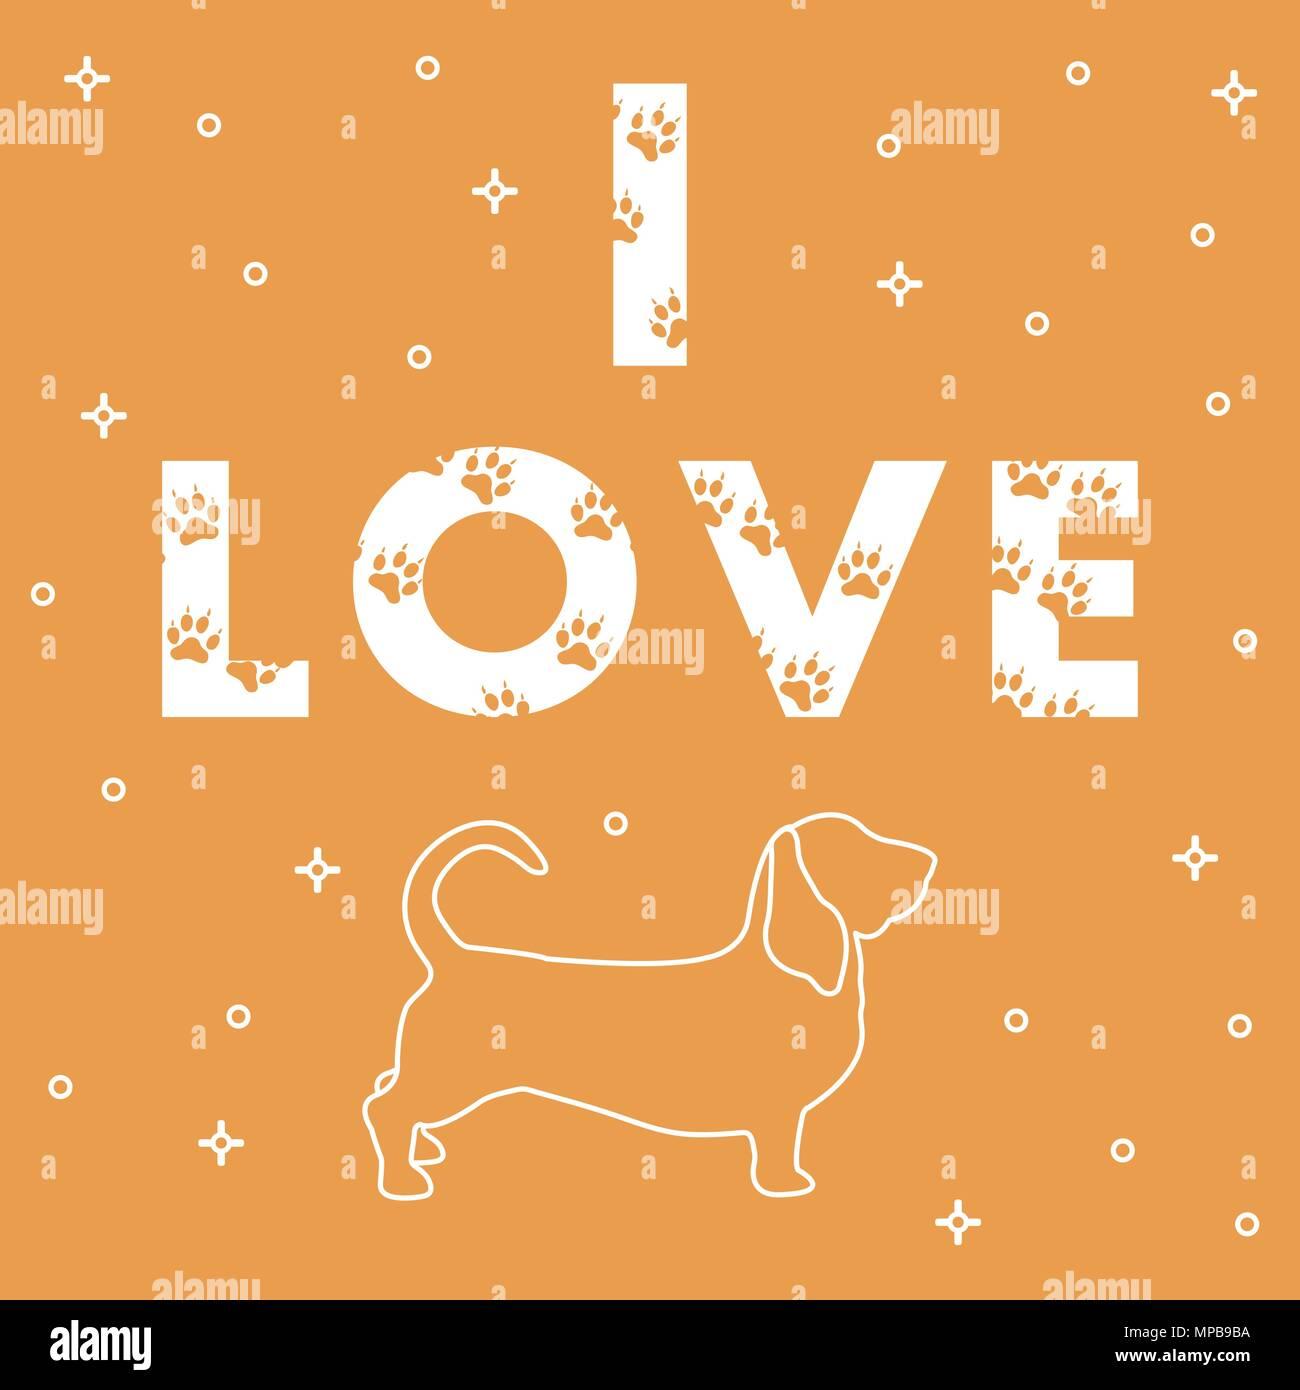 Frase Amo Y El Perro El Mensaje Está Decorado Con Huellas